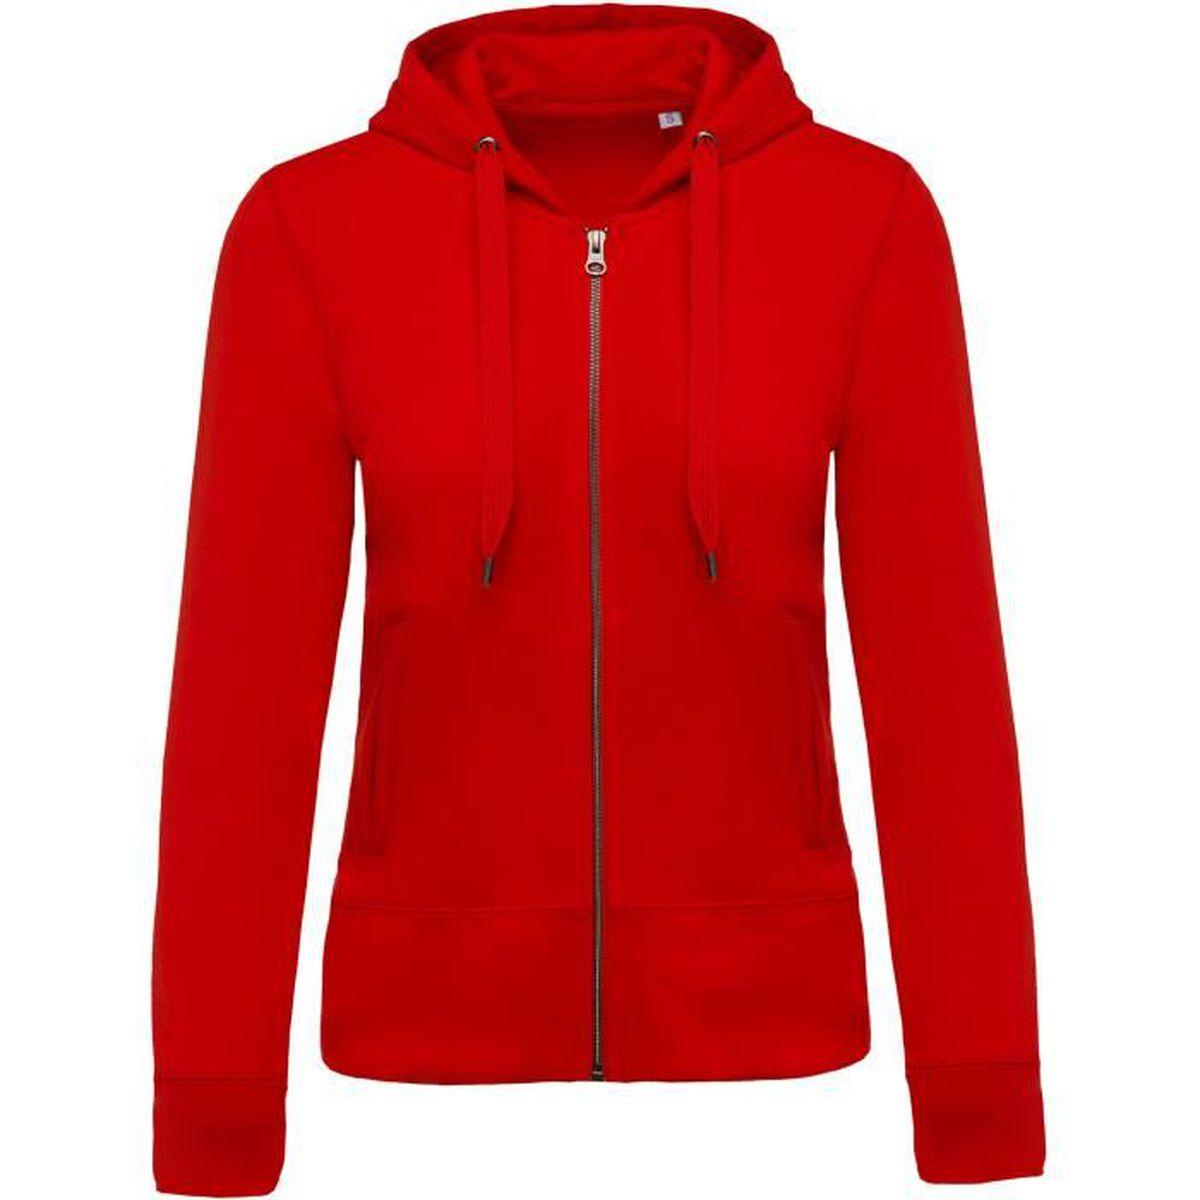 Zippé Achat Femme Sweat Shirt Capuche Rouge Bio Vente Red rshtCQd